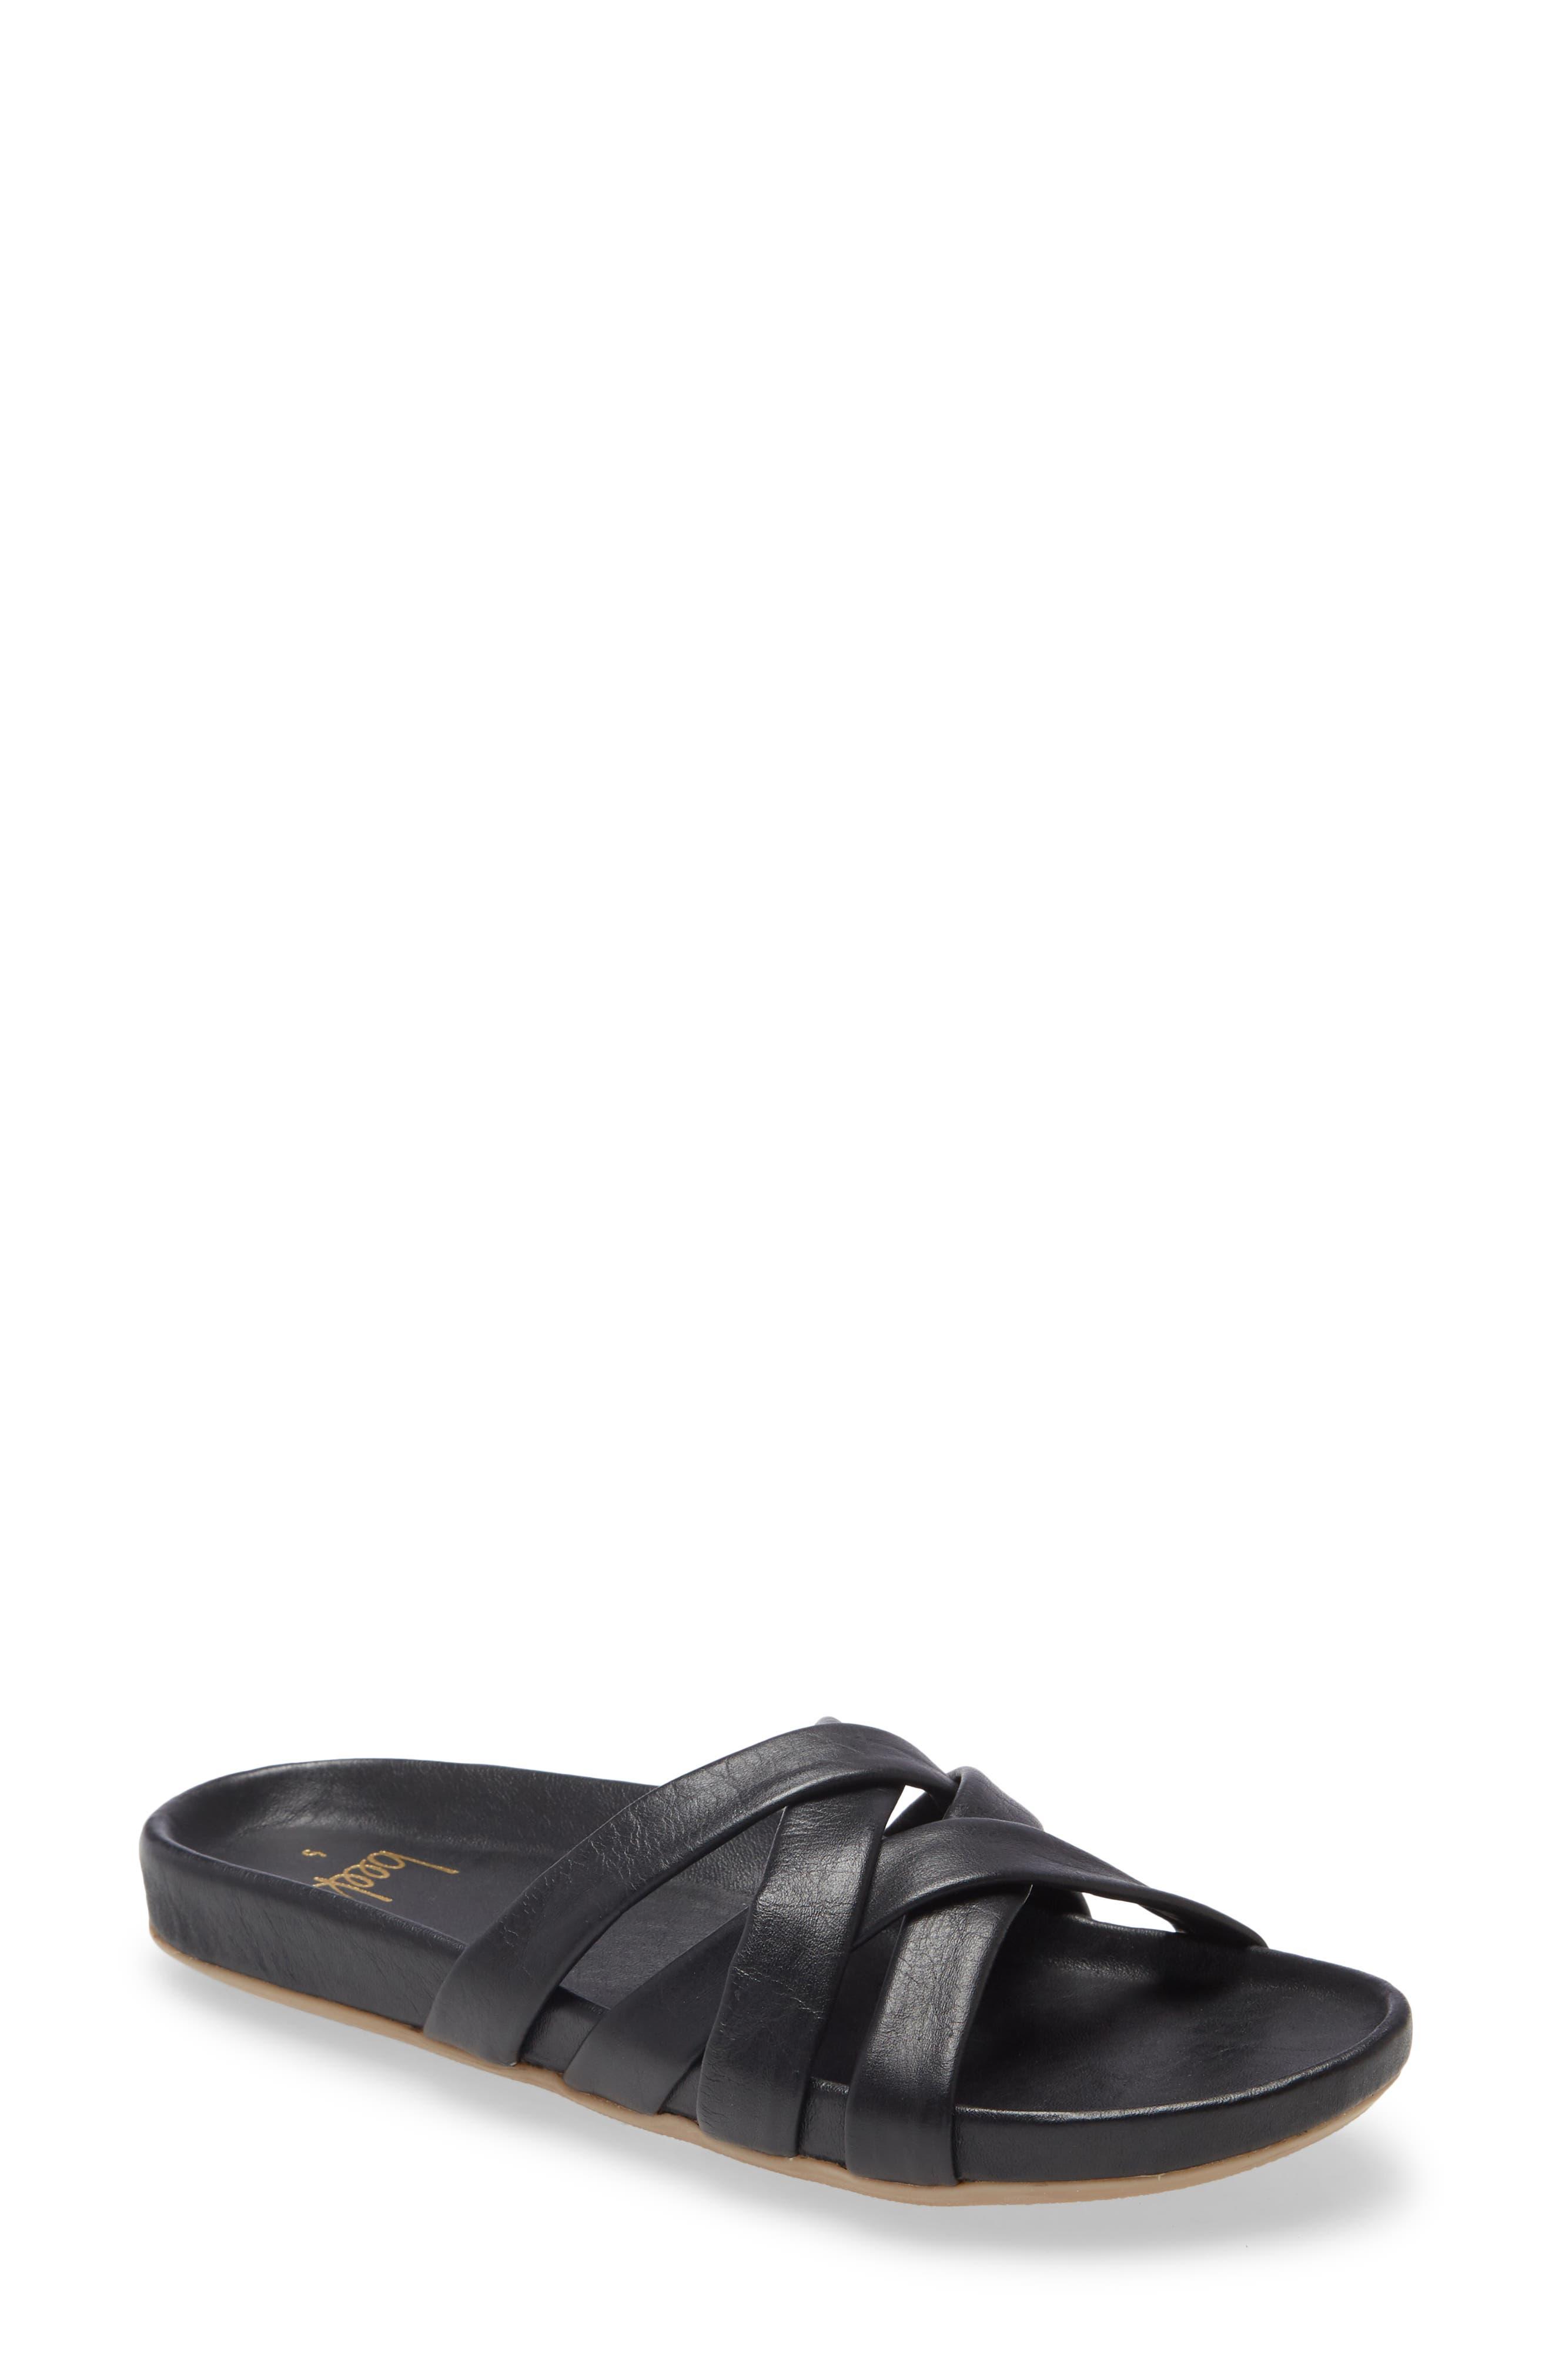 Mandarin Slide Sandal